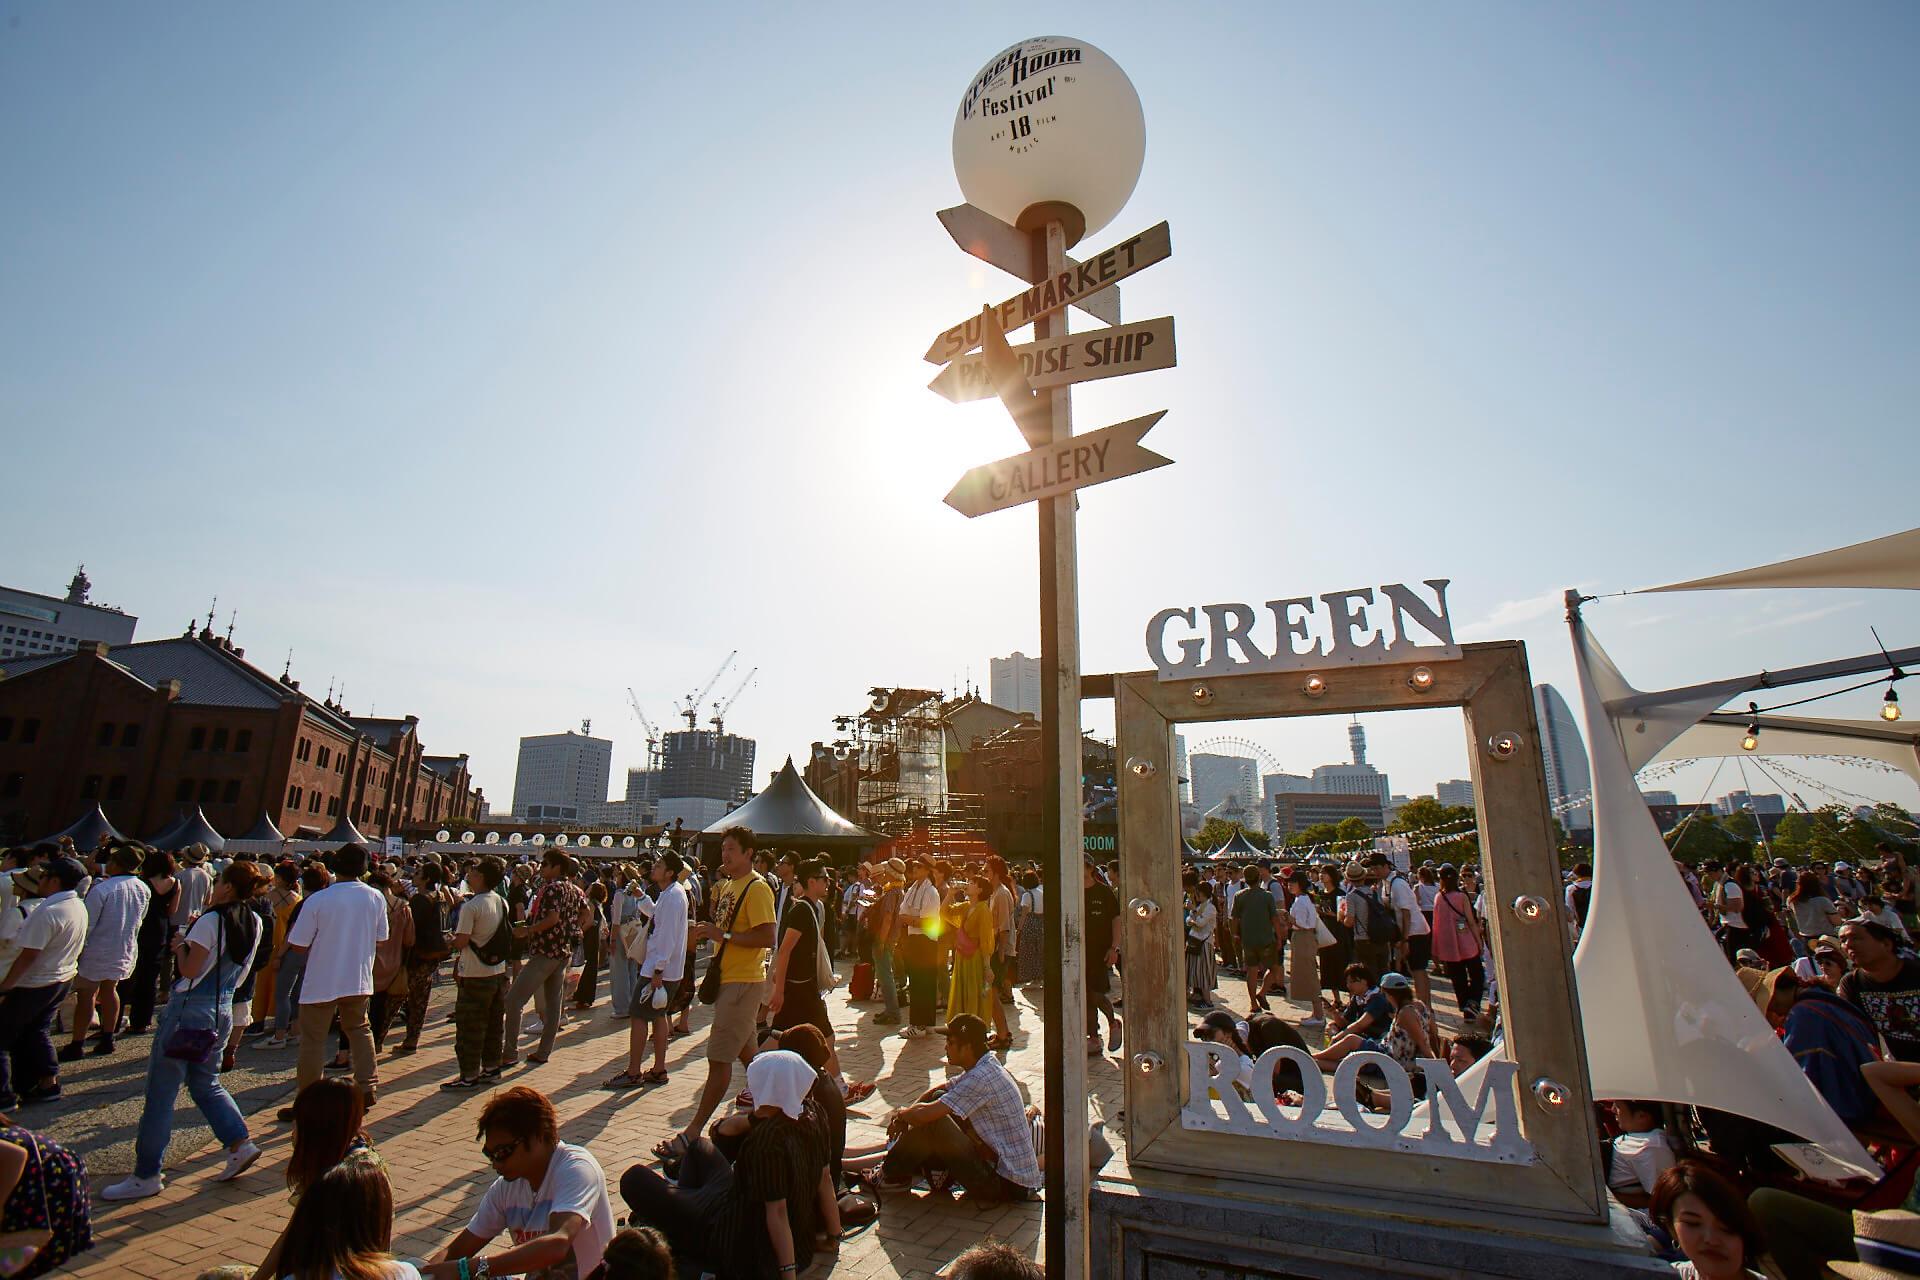 15周年「GREENROOM FESTIVAL」の魅力徹底解剖|楽しみ方とおすすめアーティスト紹介 greenroomfestival2019-4